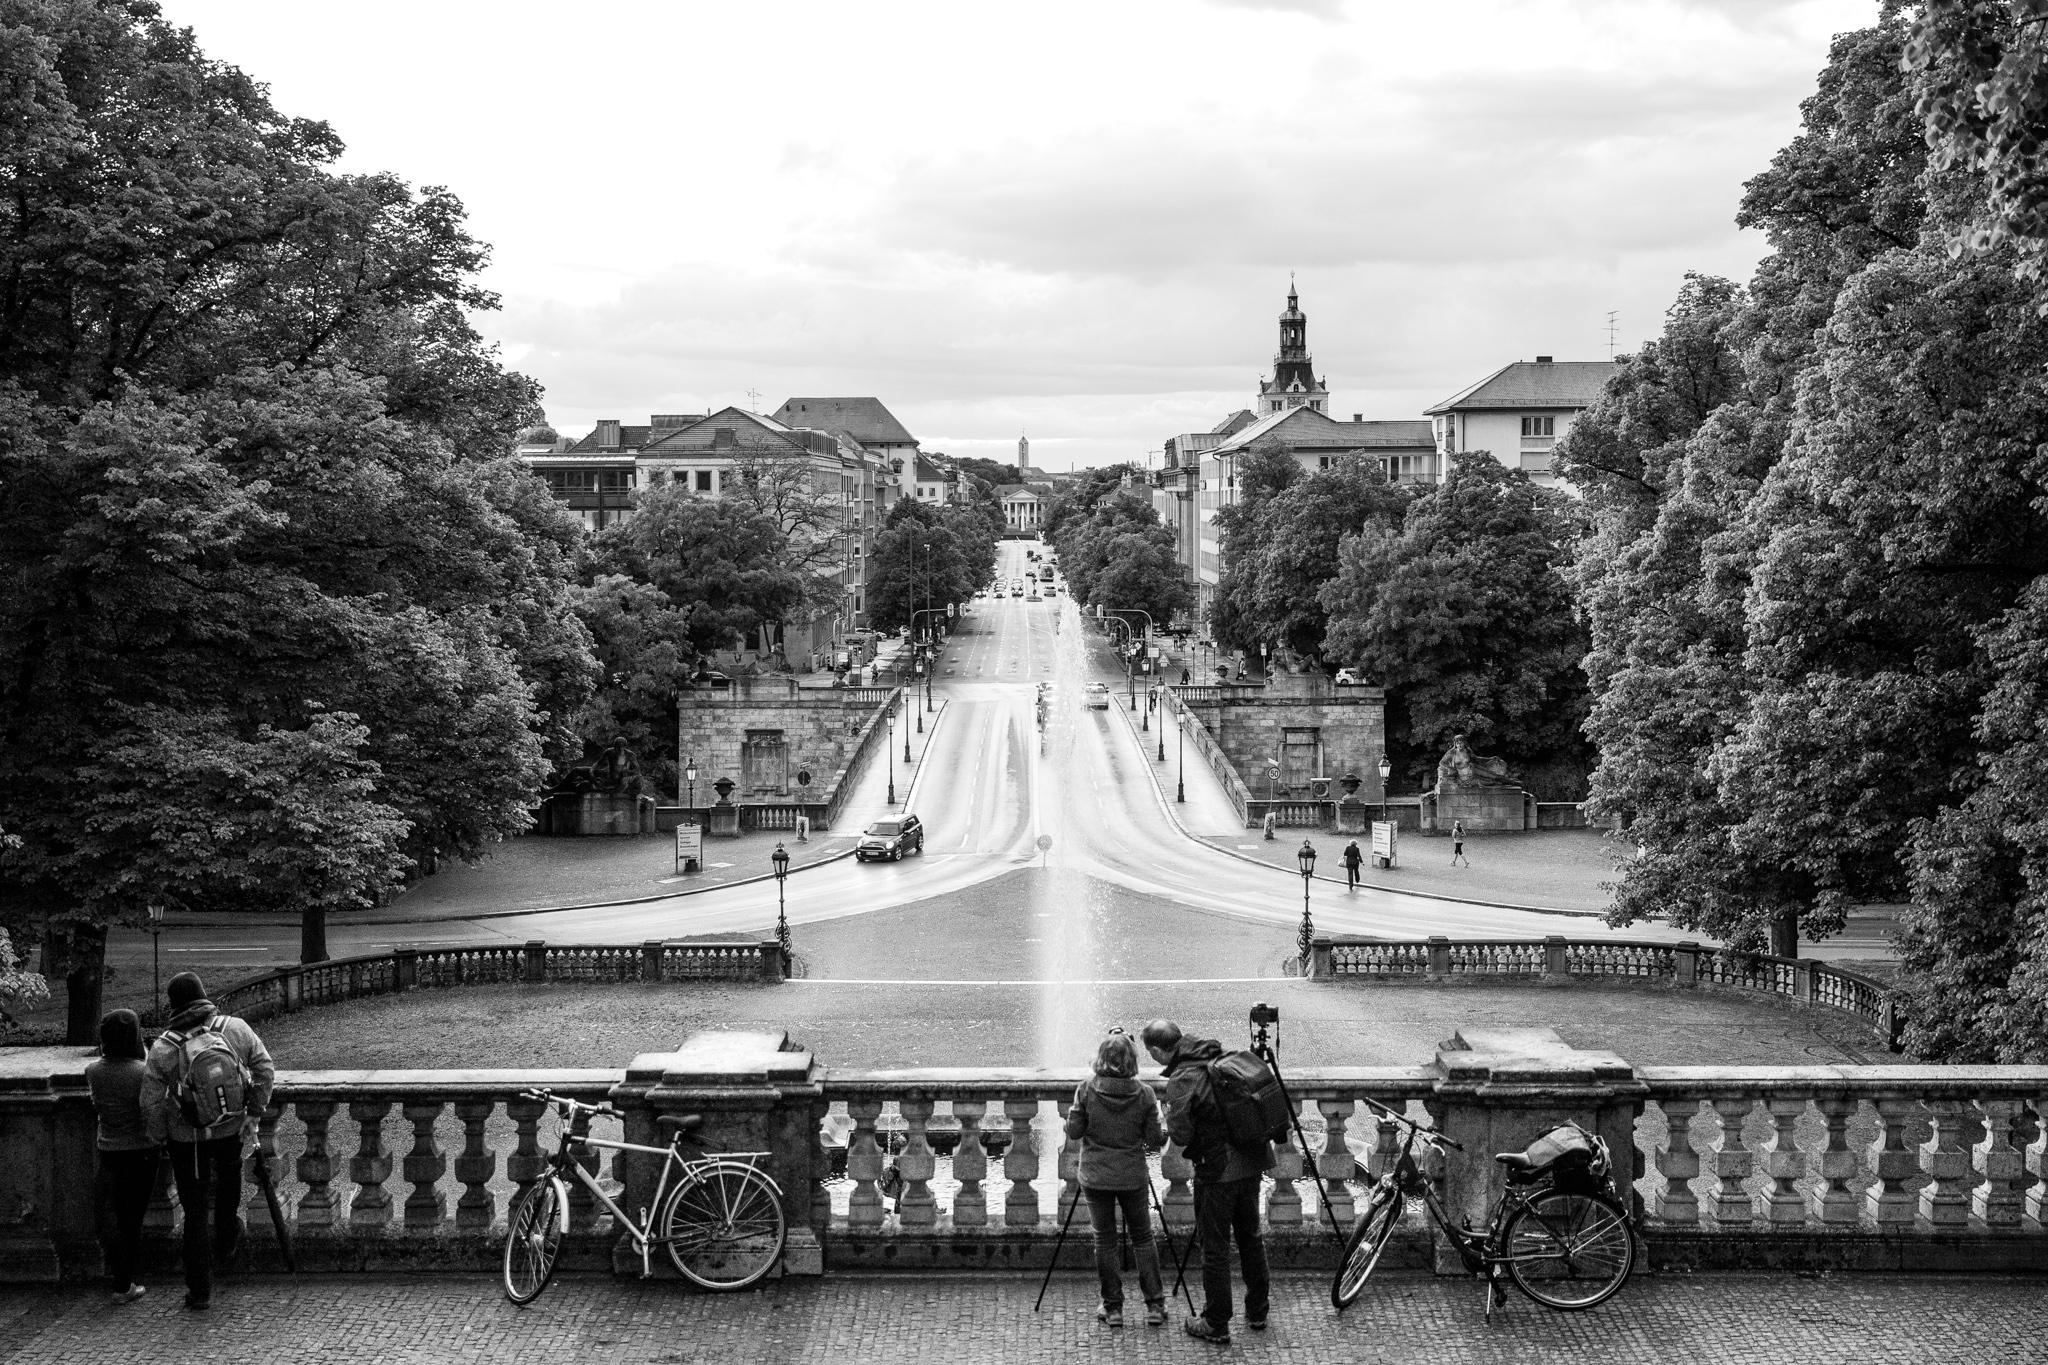 1464-bavarian-city-hdr-photograph.jpg